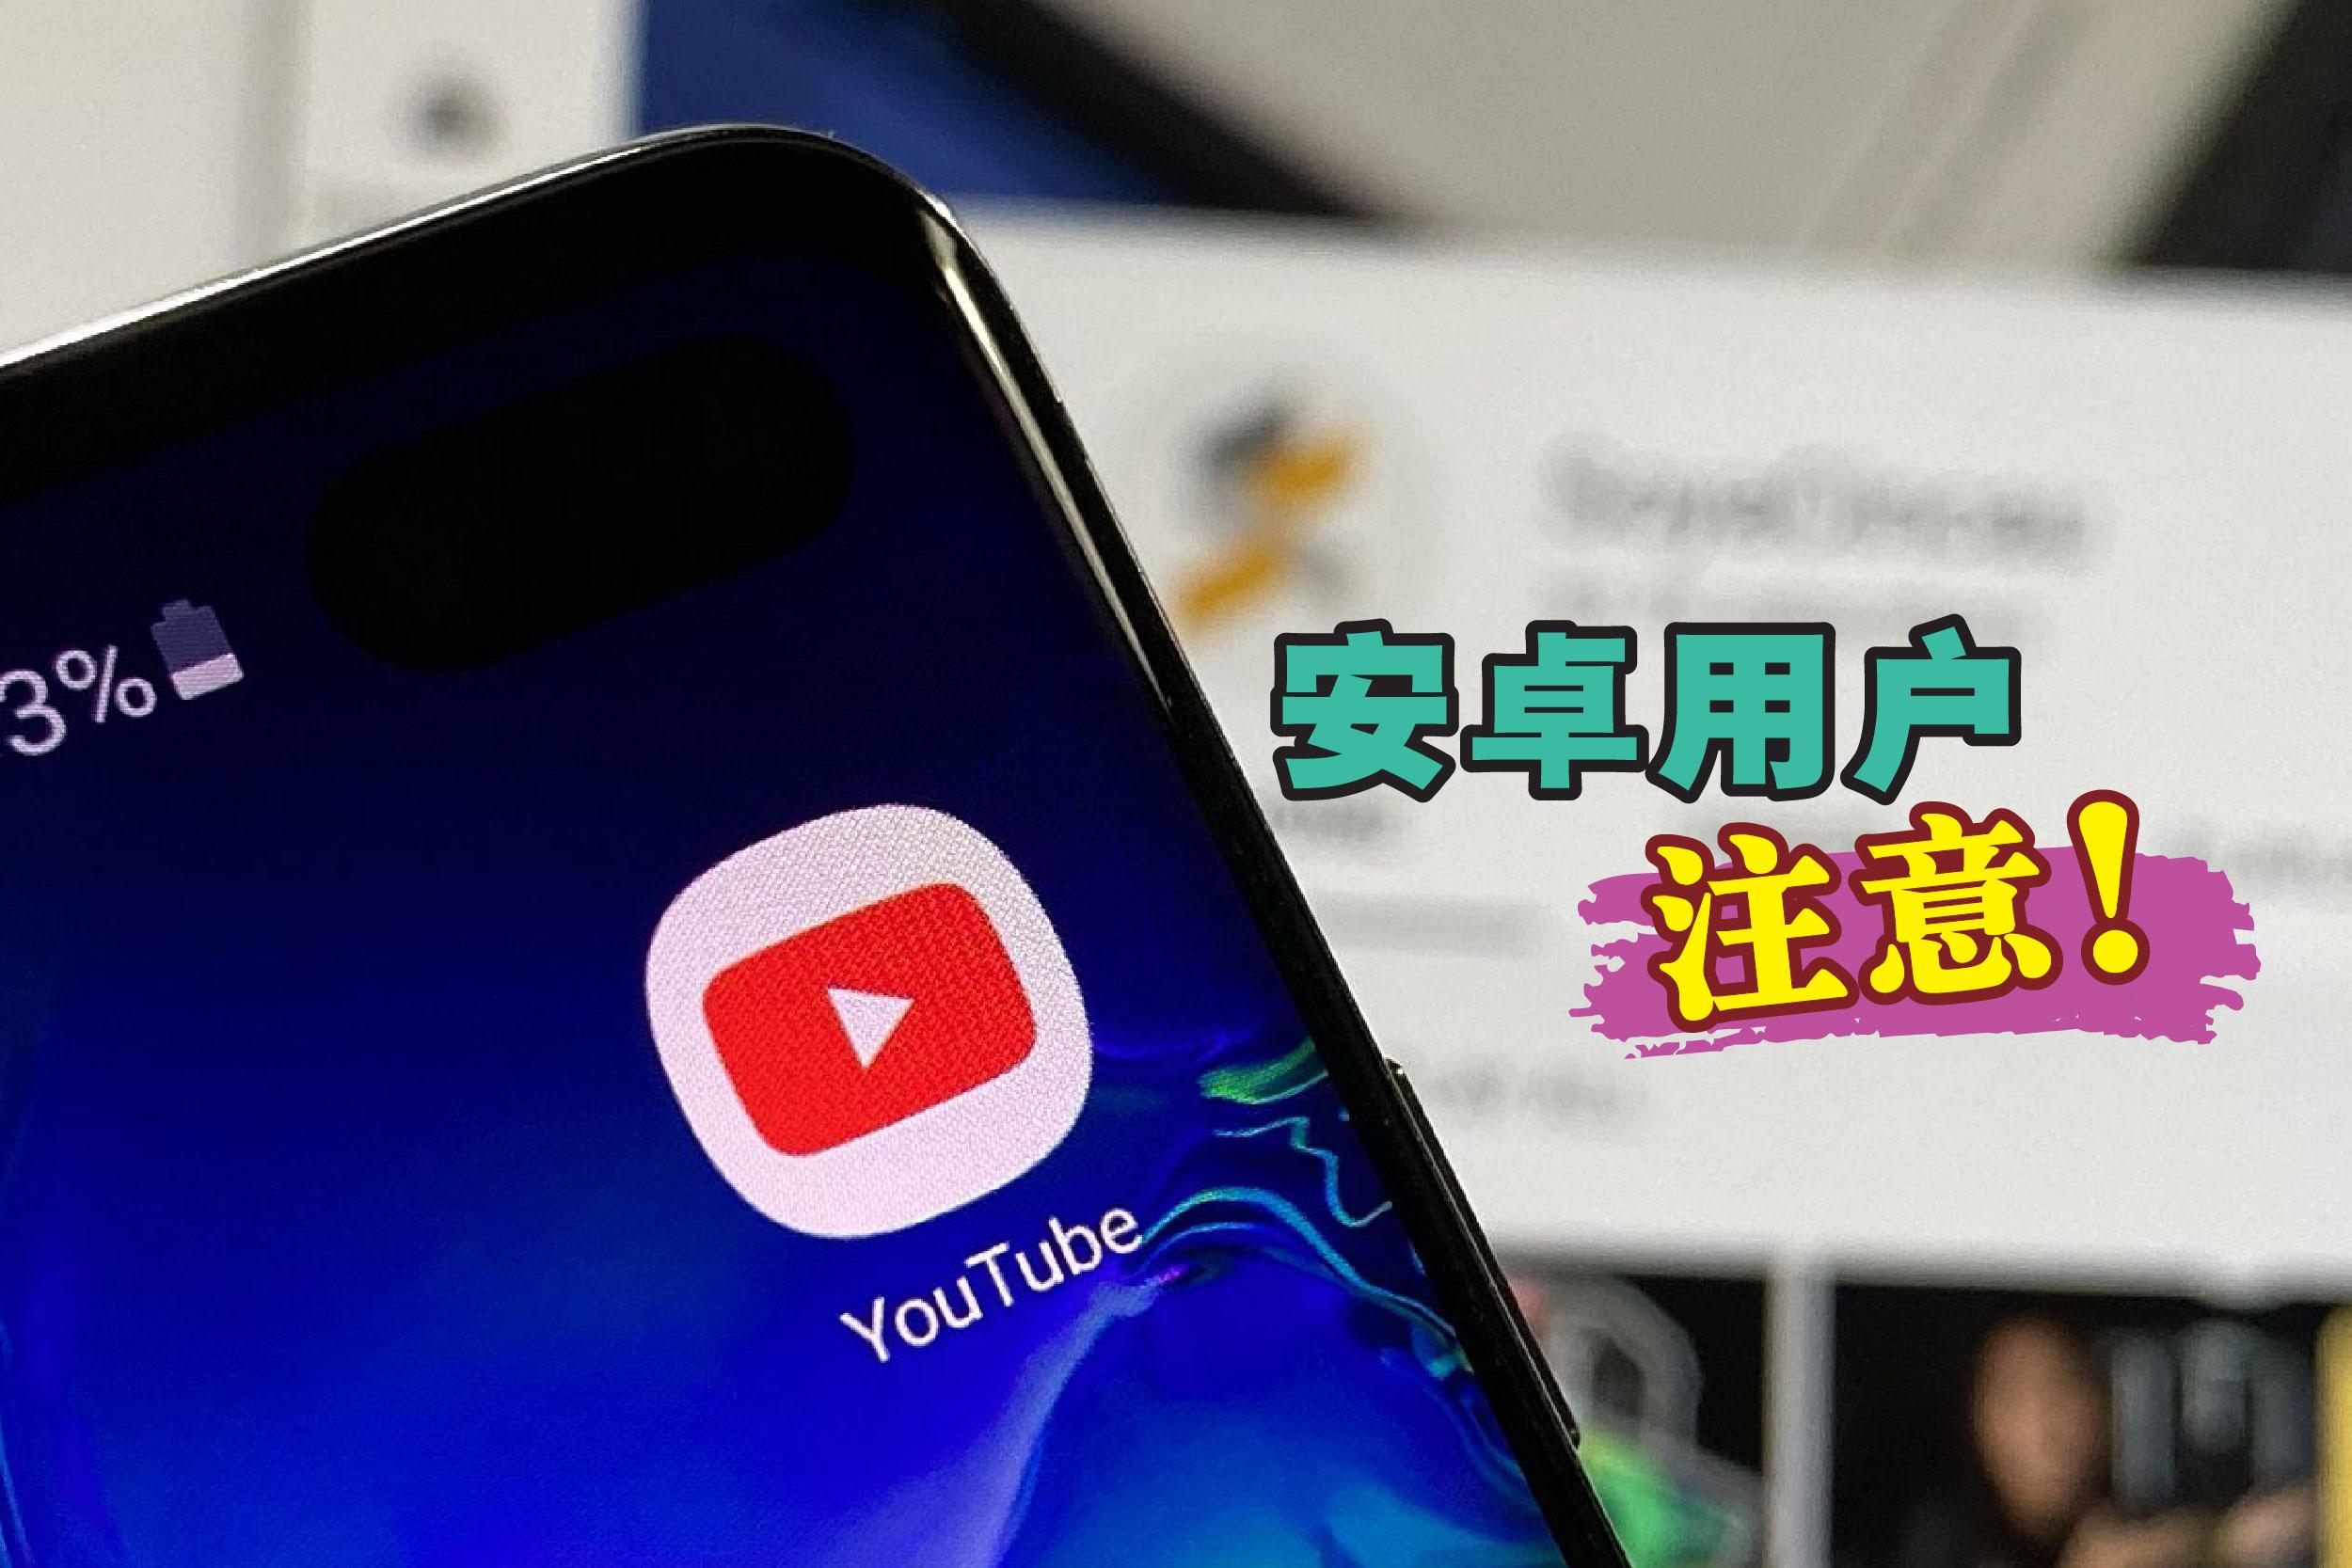 安卓用户有发现YouTube视频播放进度栏目更新吗?-图摘自Soya Cincau/精彩大马制图-